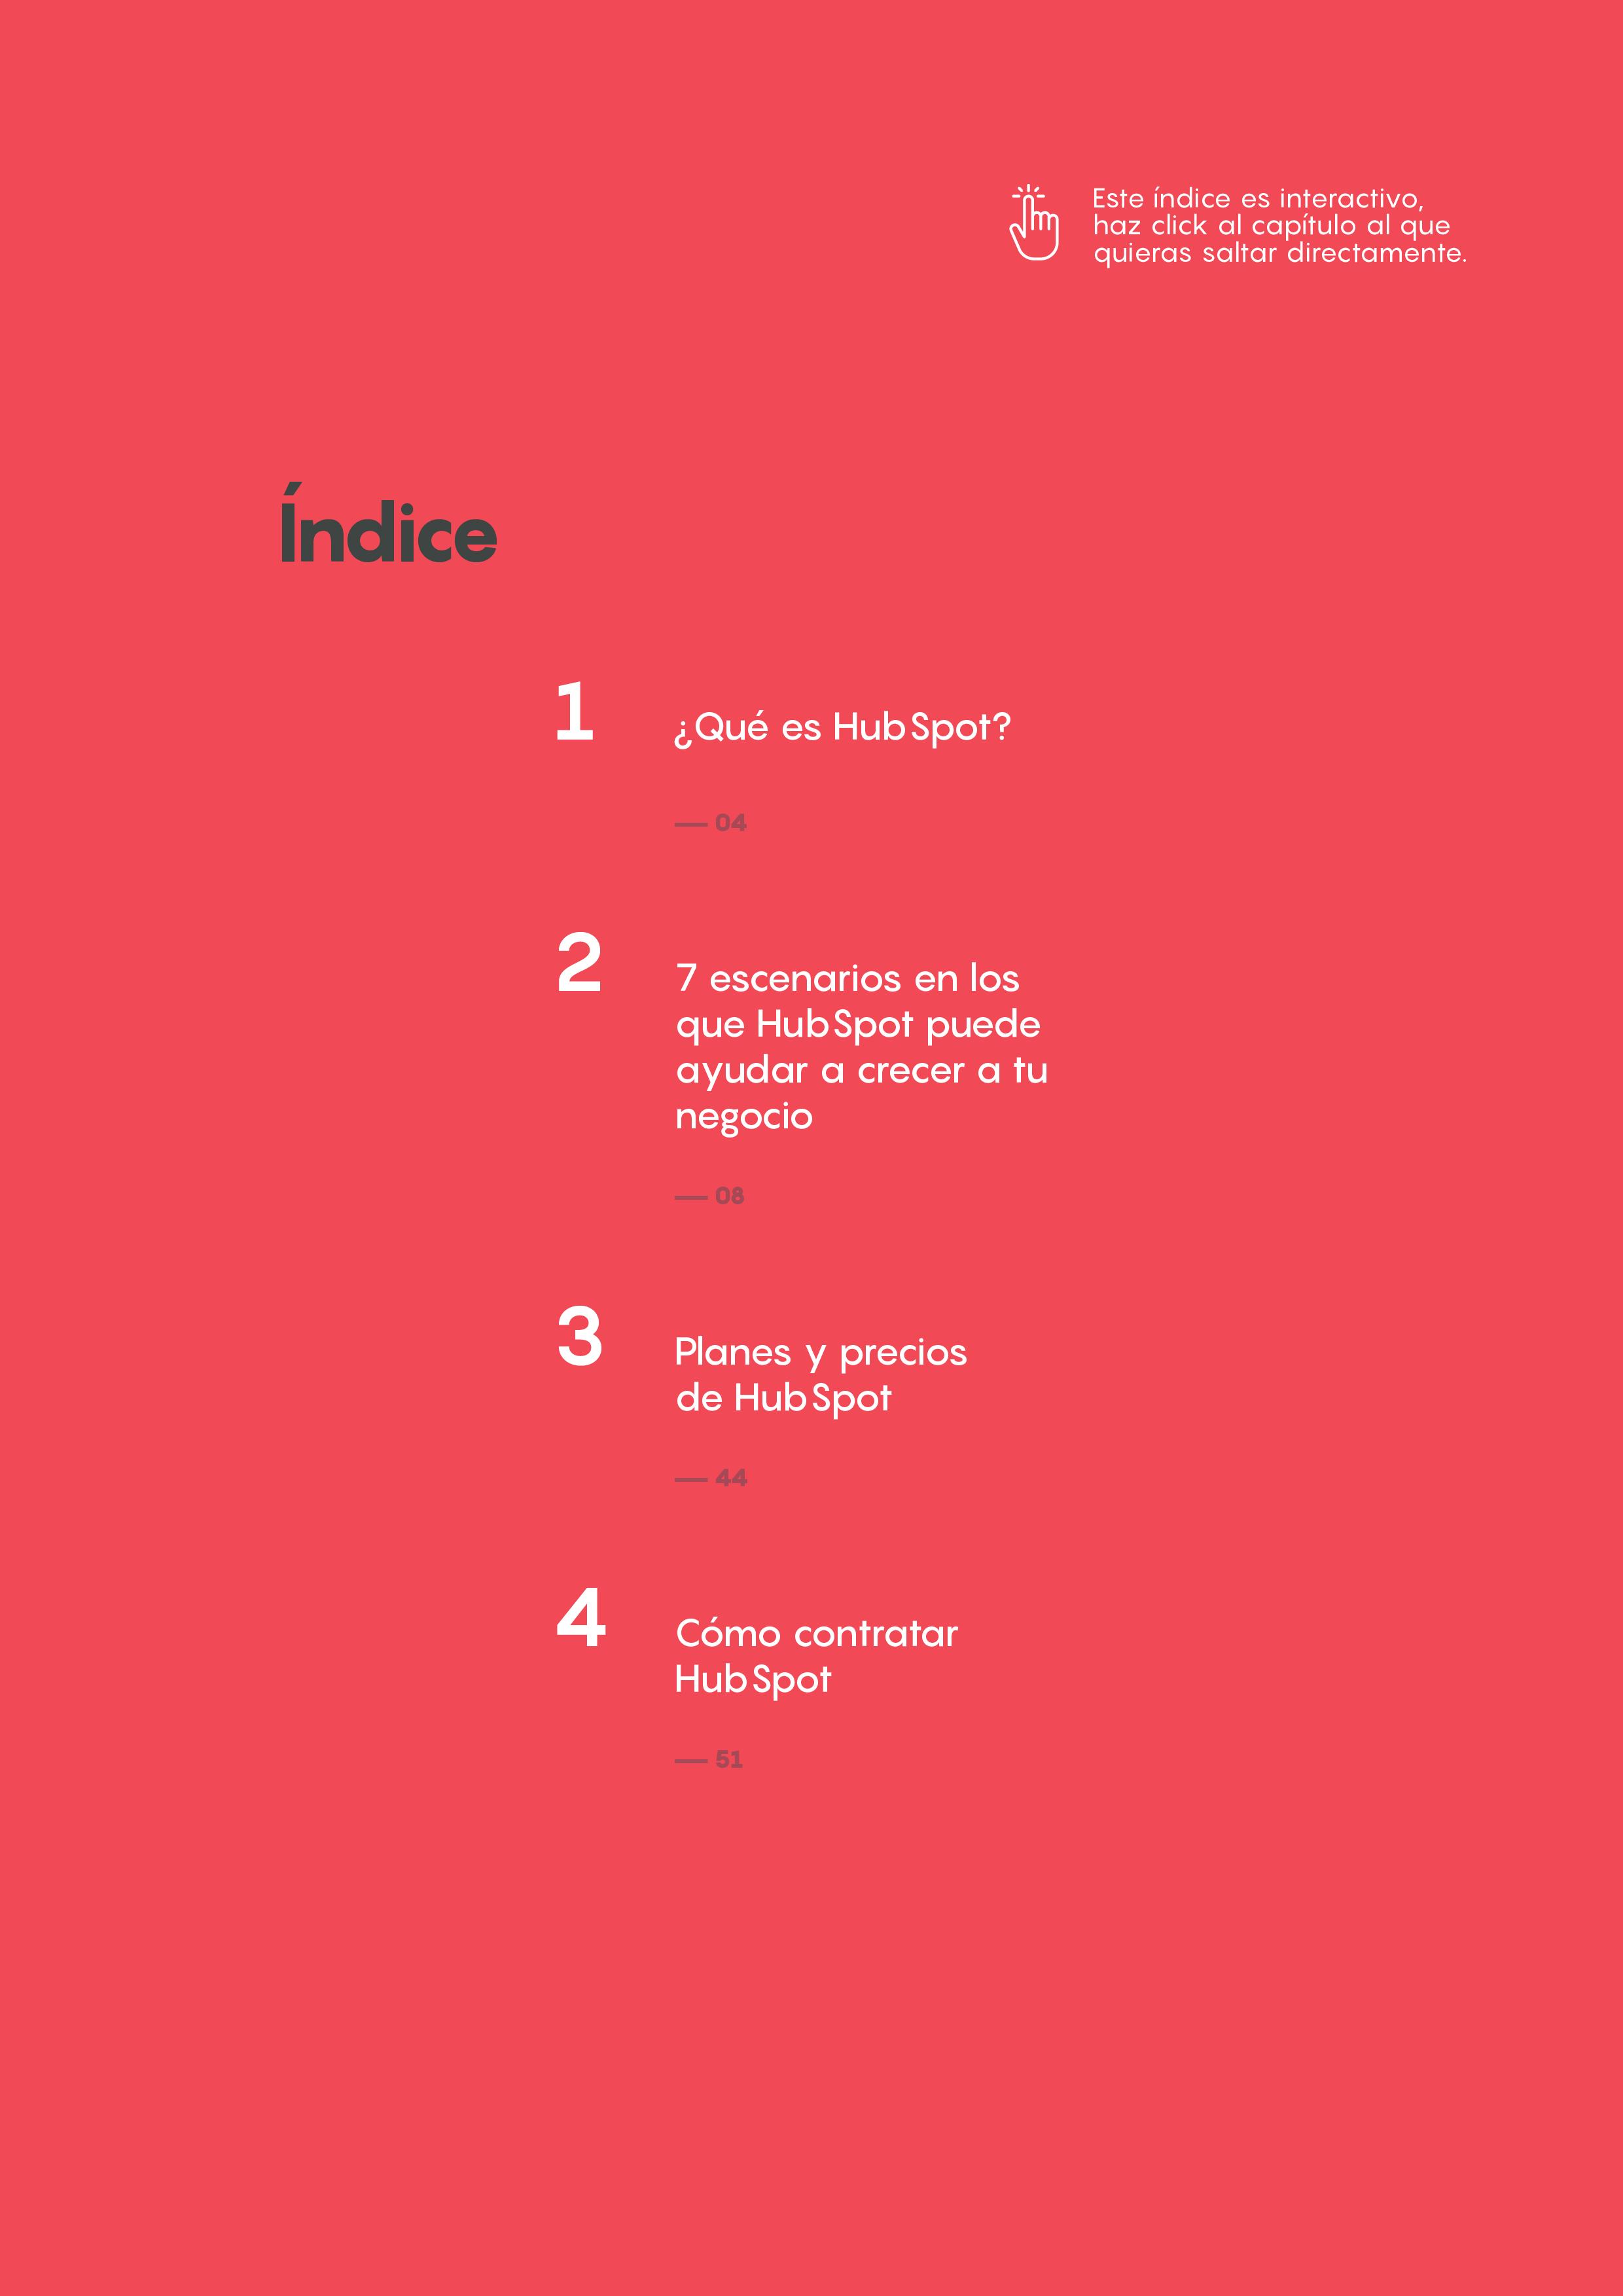 ICC - eBook - Guía completa sobre HubSpot y sus funcionalidades para tu negocio2